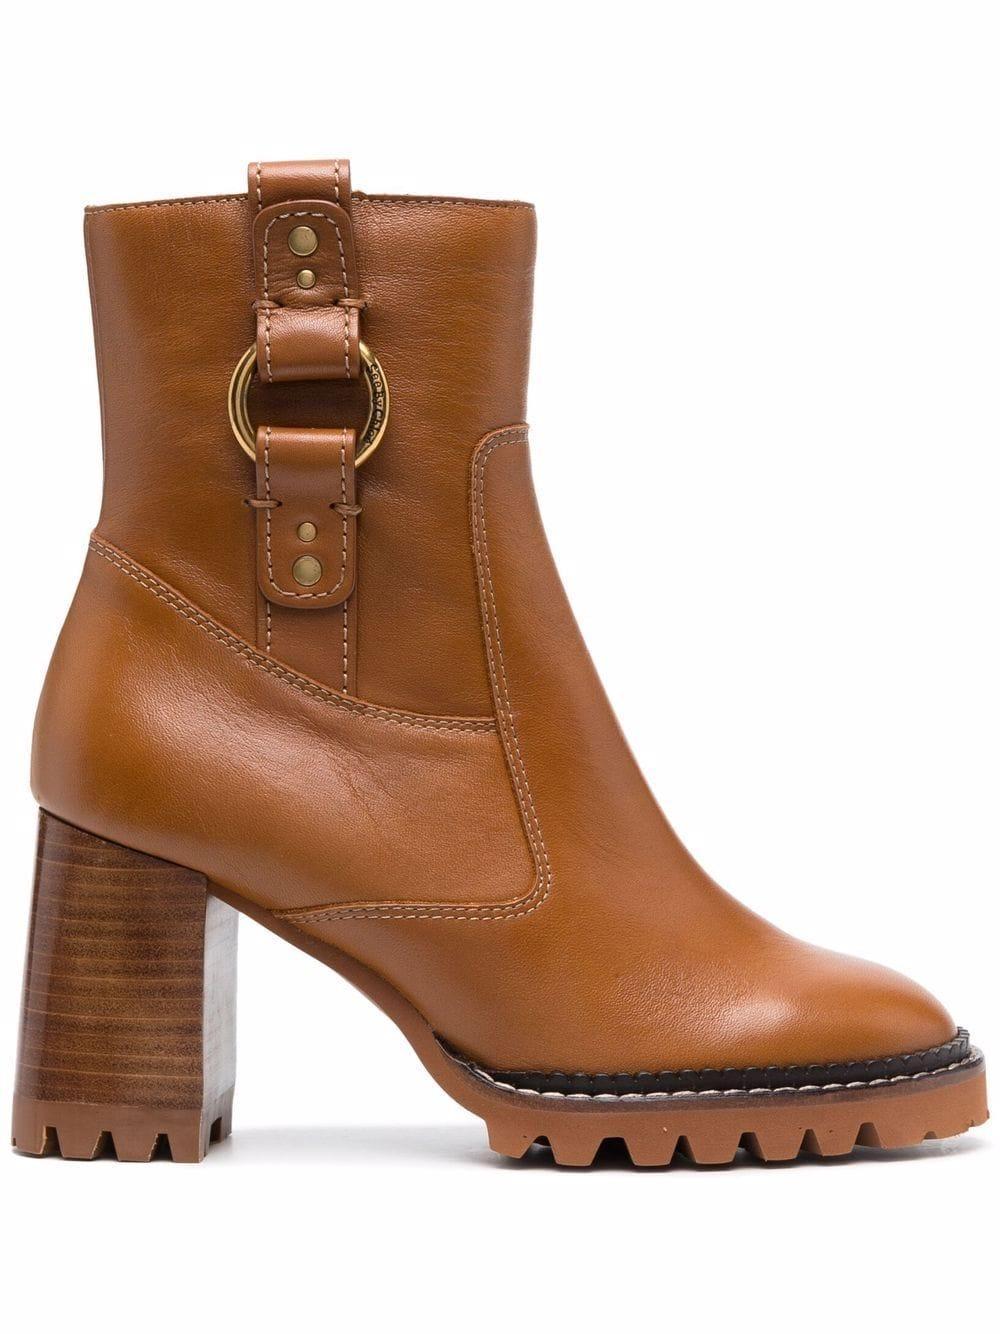 Erin Lug Sole Boot Item # SB37003A